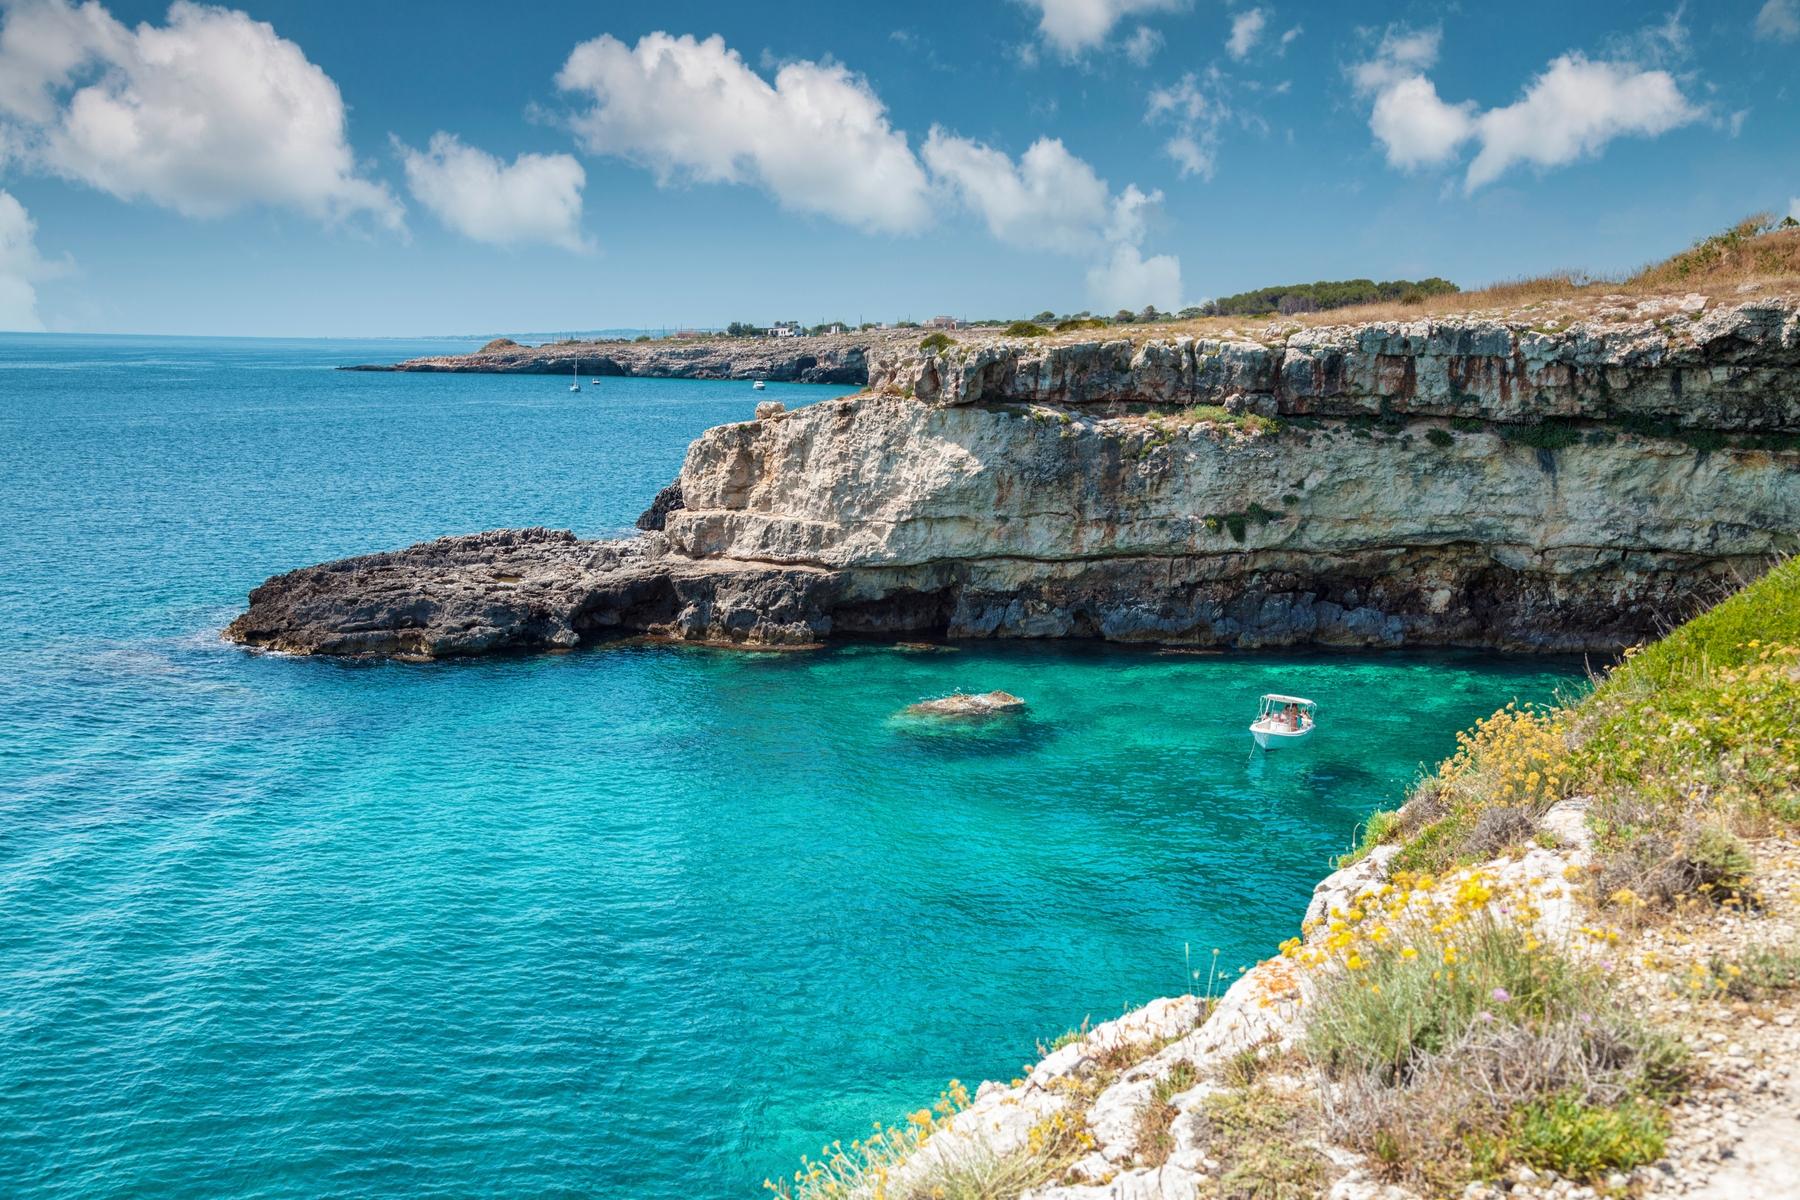 Bahías cerca de Otranto